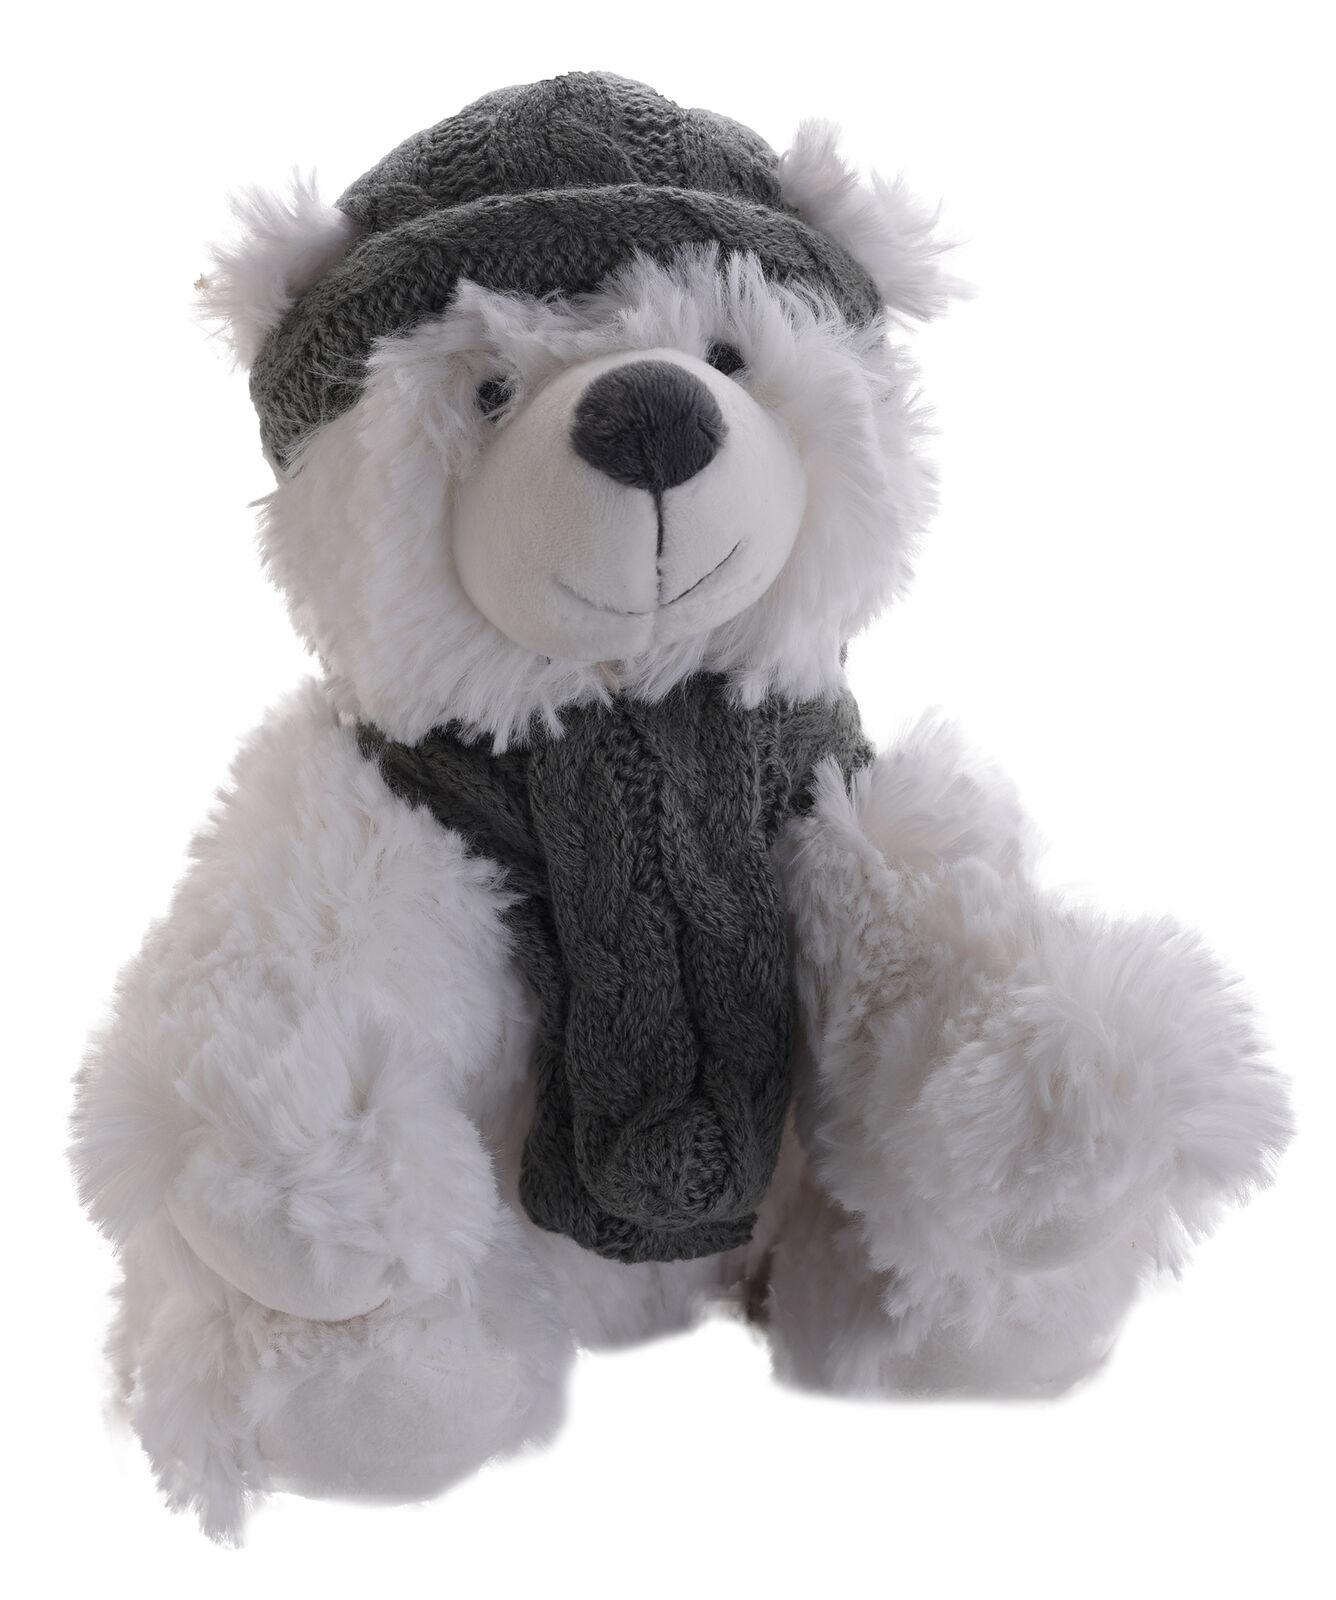 Jomanda Super Soft Winter Eisbär Plüschtier  | Spielen Sie Leidenschaft, spielen Sie die Ernte, spielen Sie die Welt